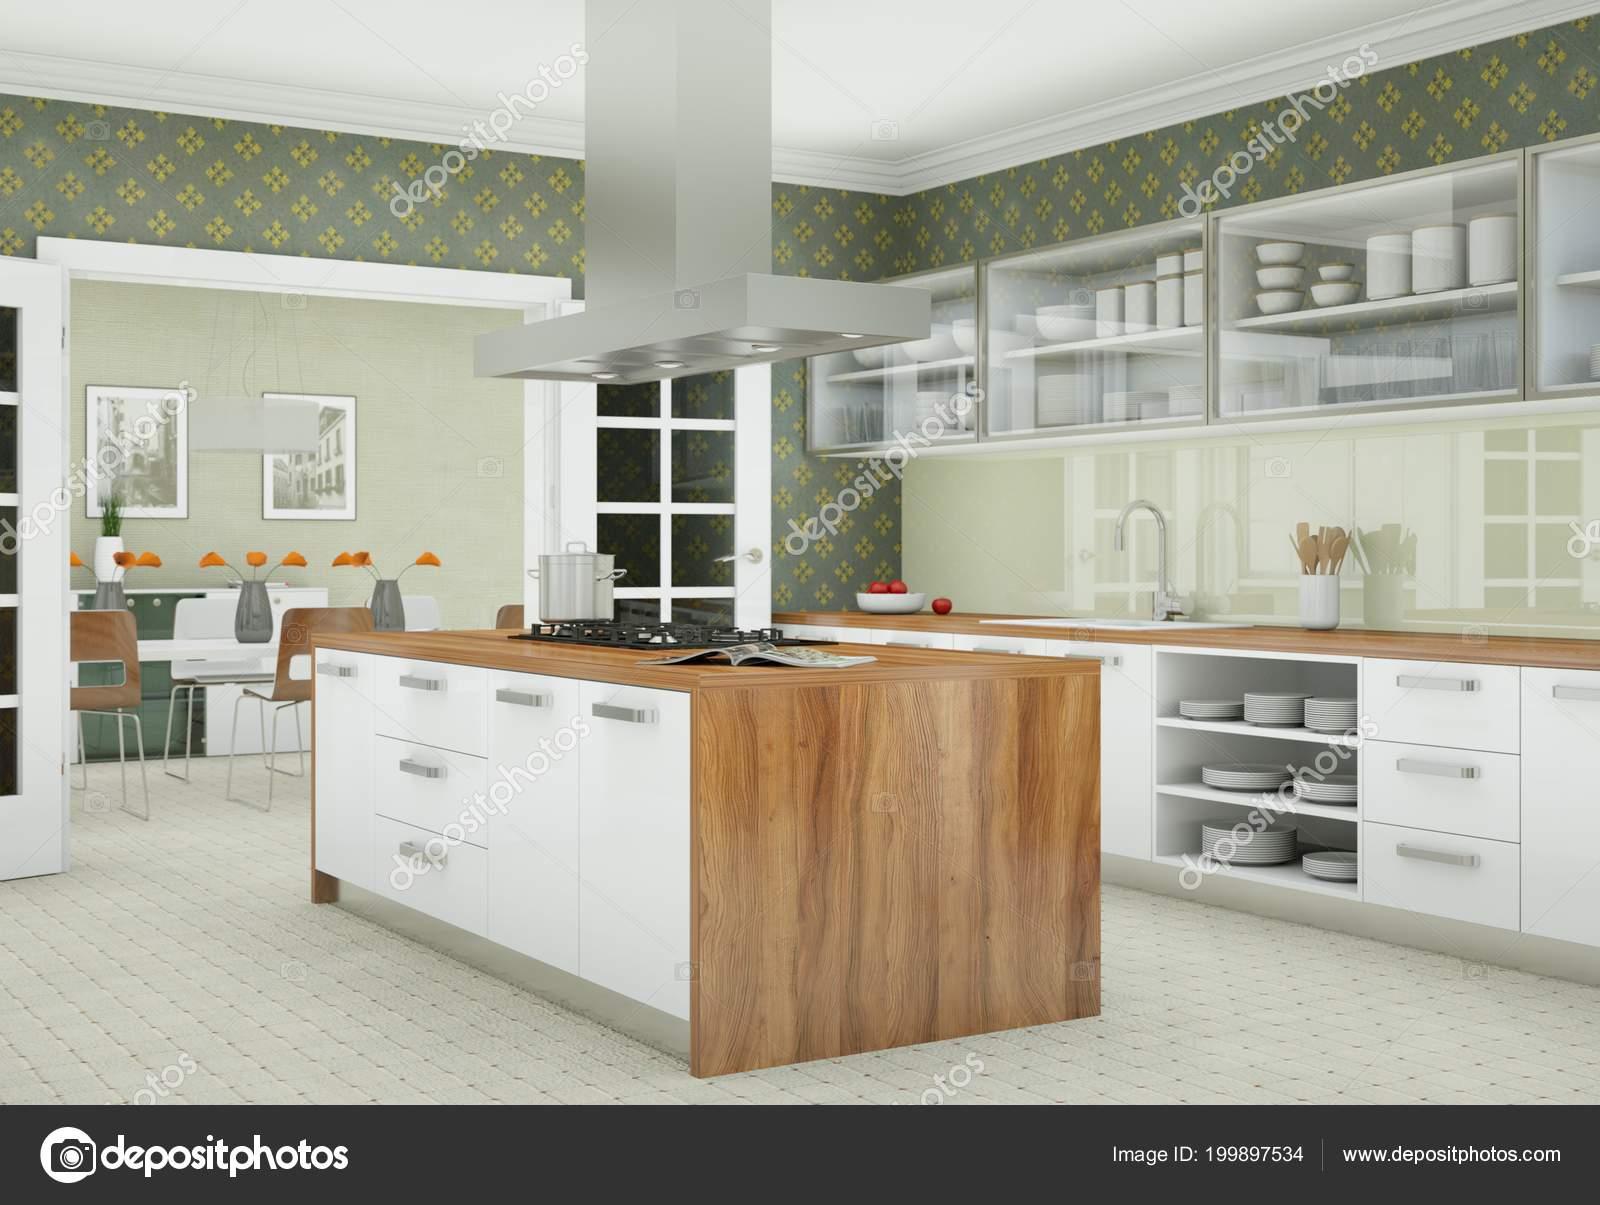 Mooie Witte Keuken : Mooie witte keuken keuken keuken woonkamer keuken